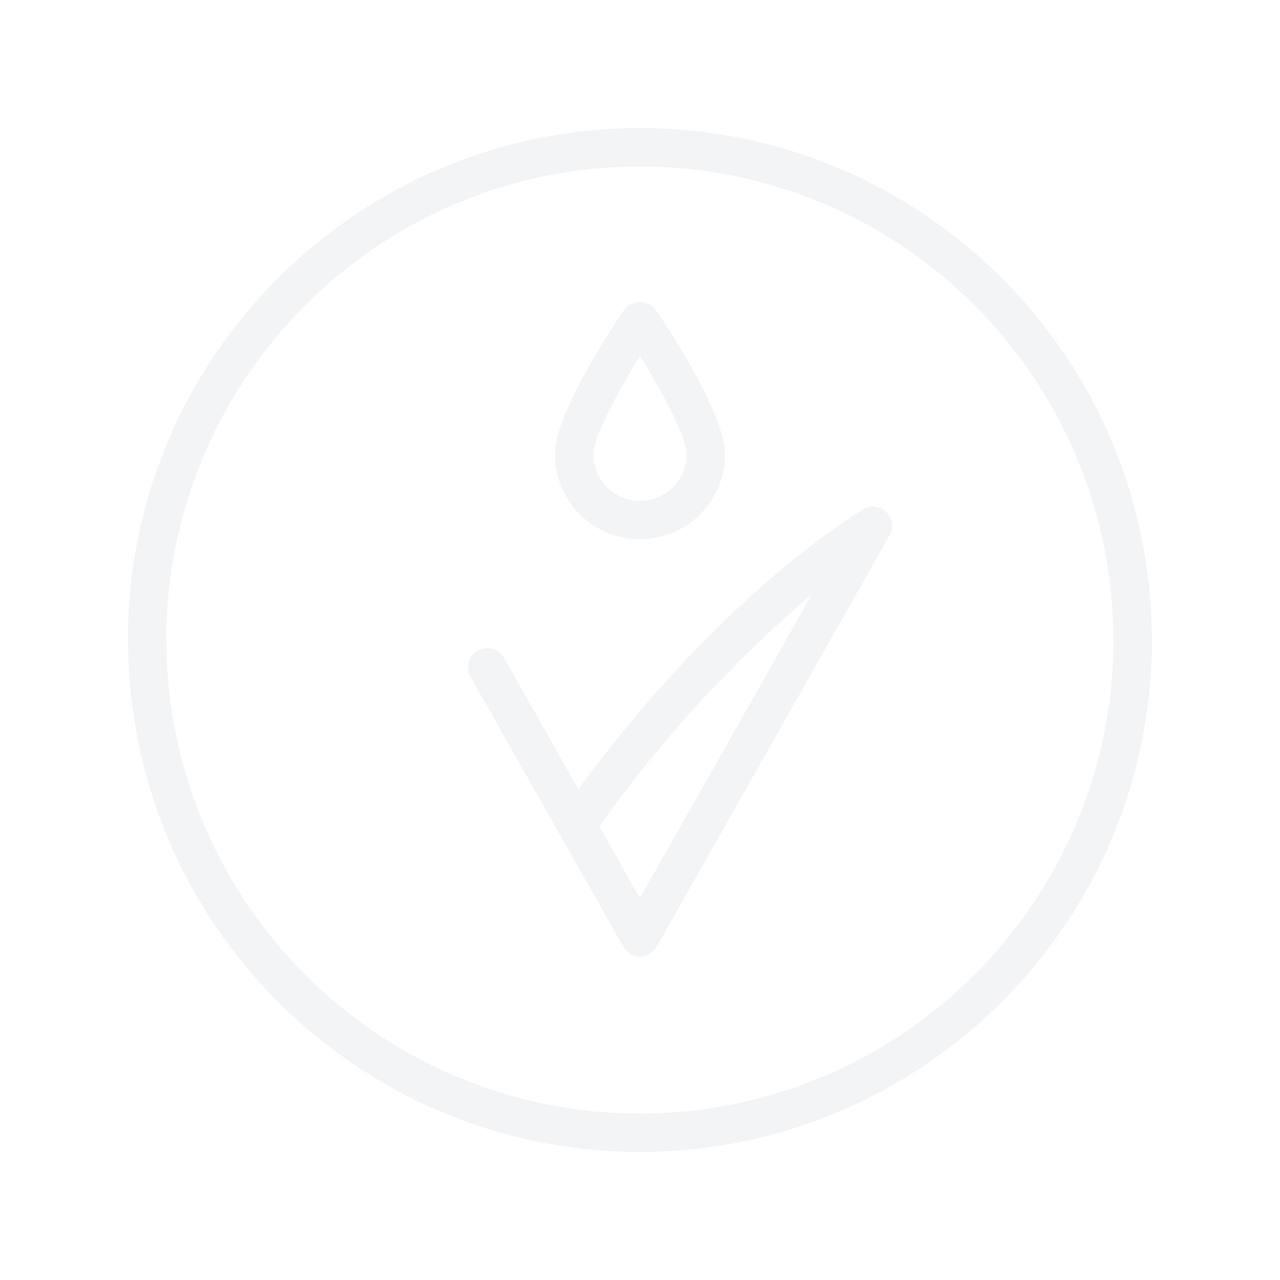 ELIZABETH ARDEN Dual Sharpener